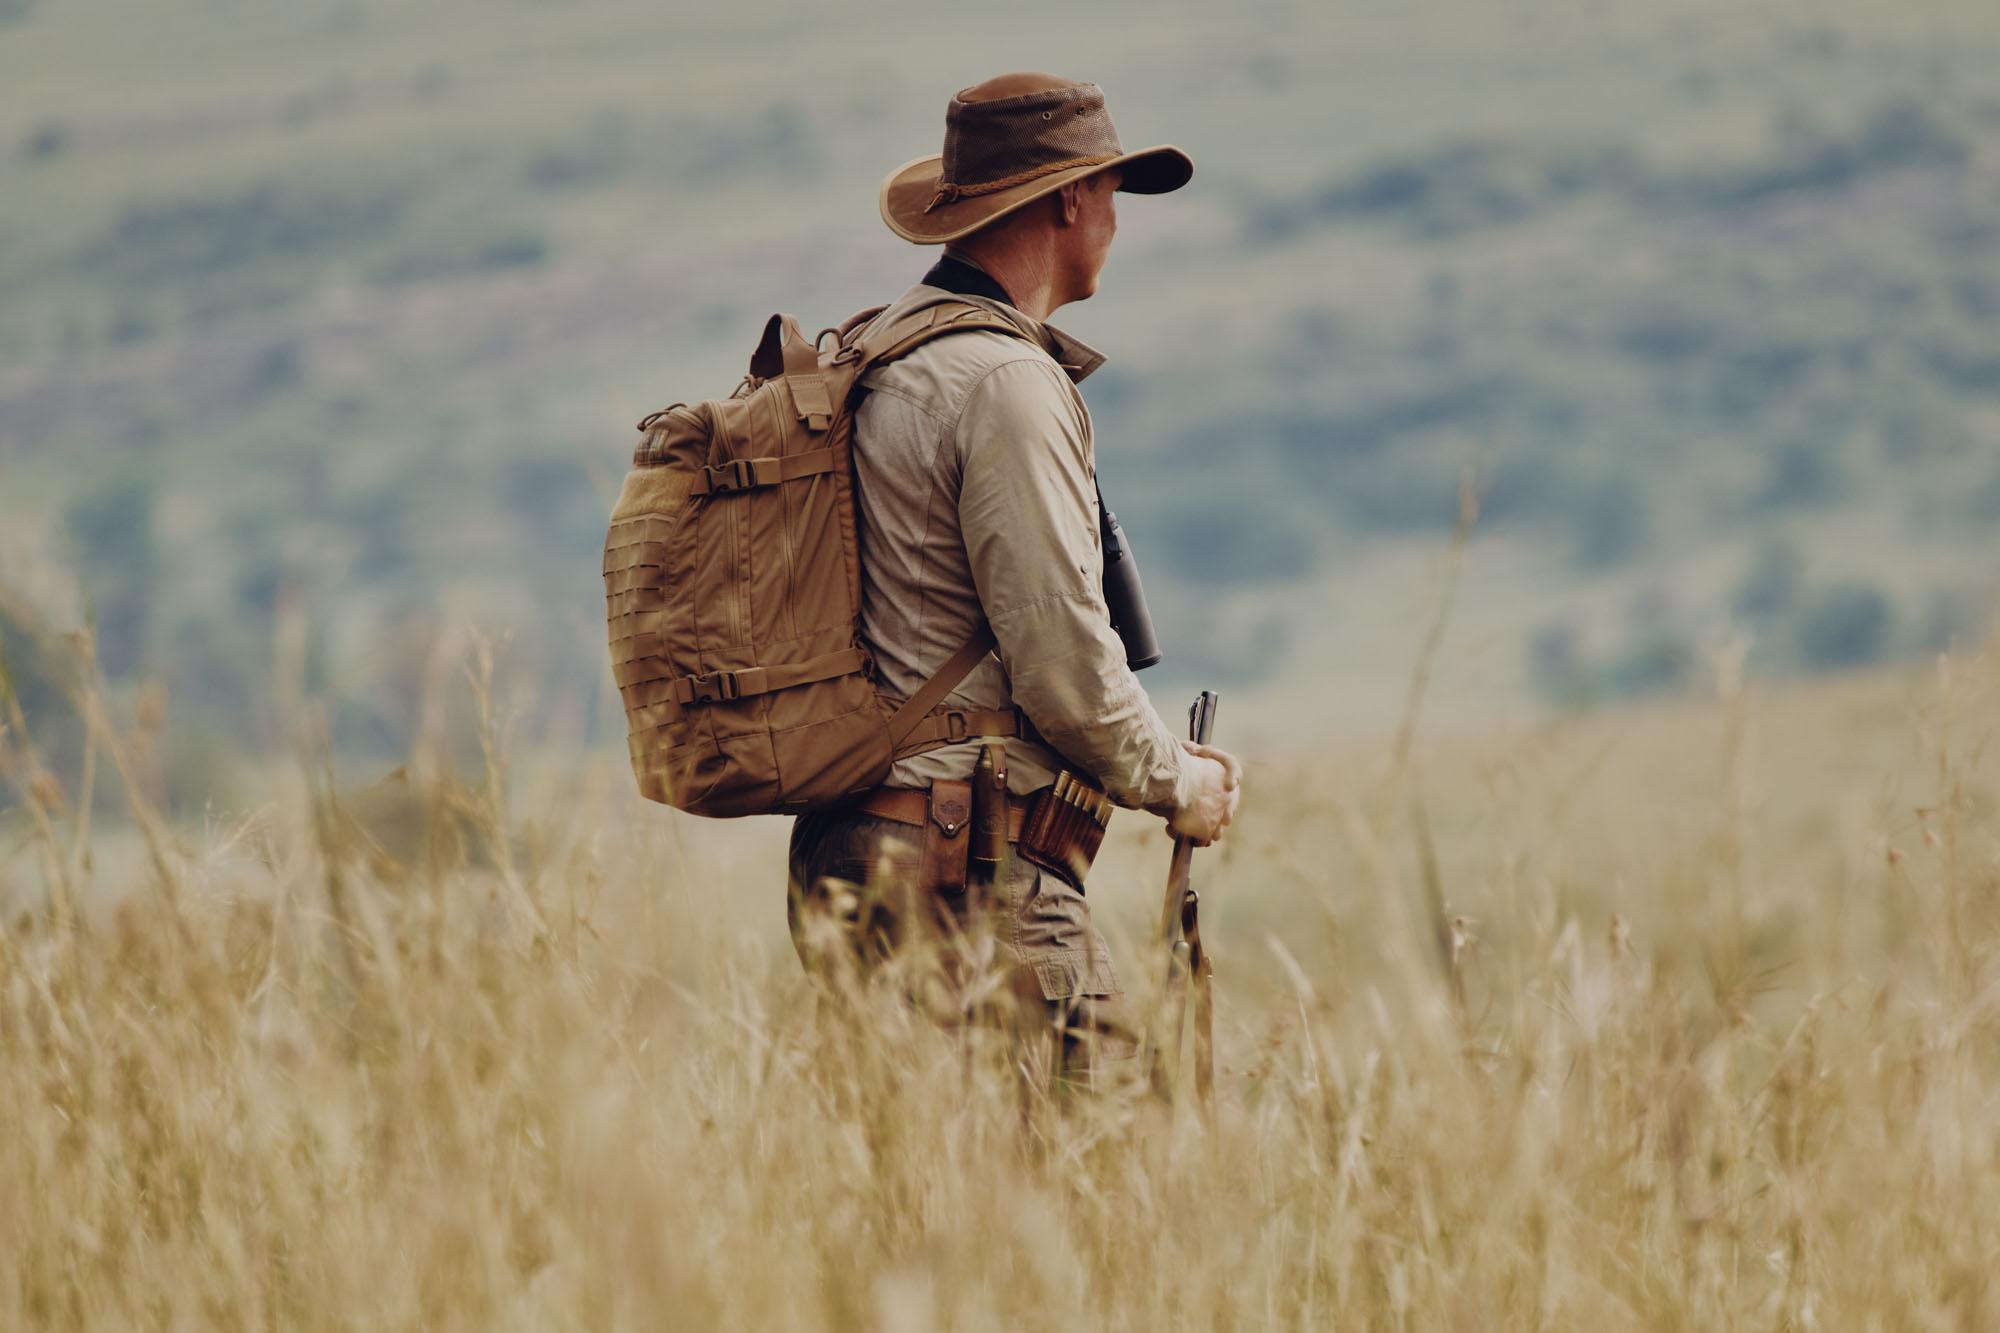 Kenya wlaking safari Asilia